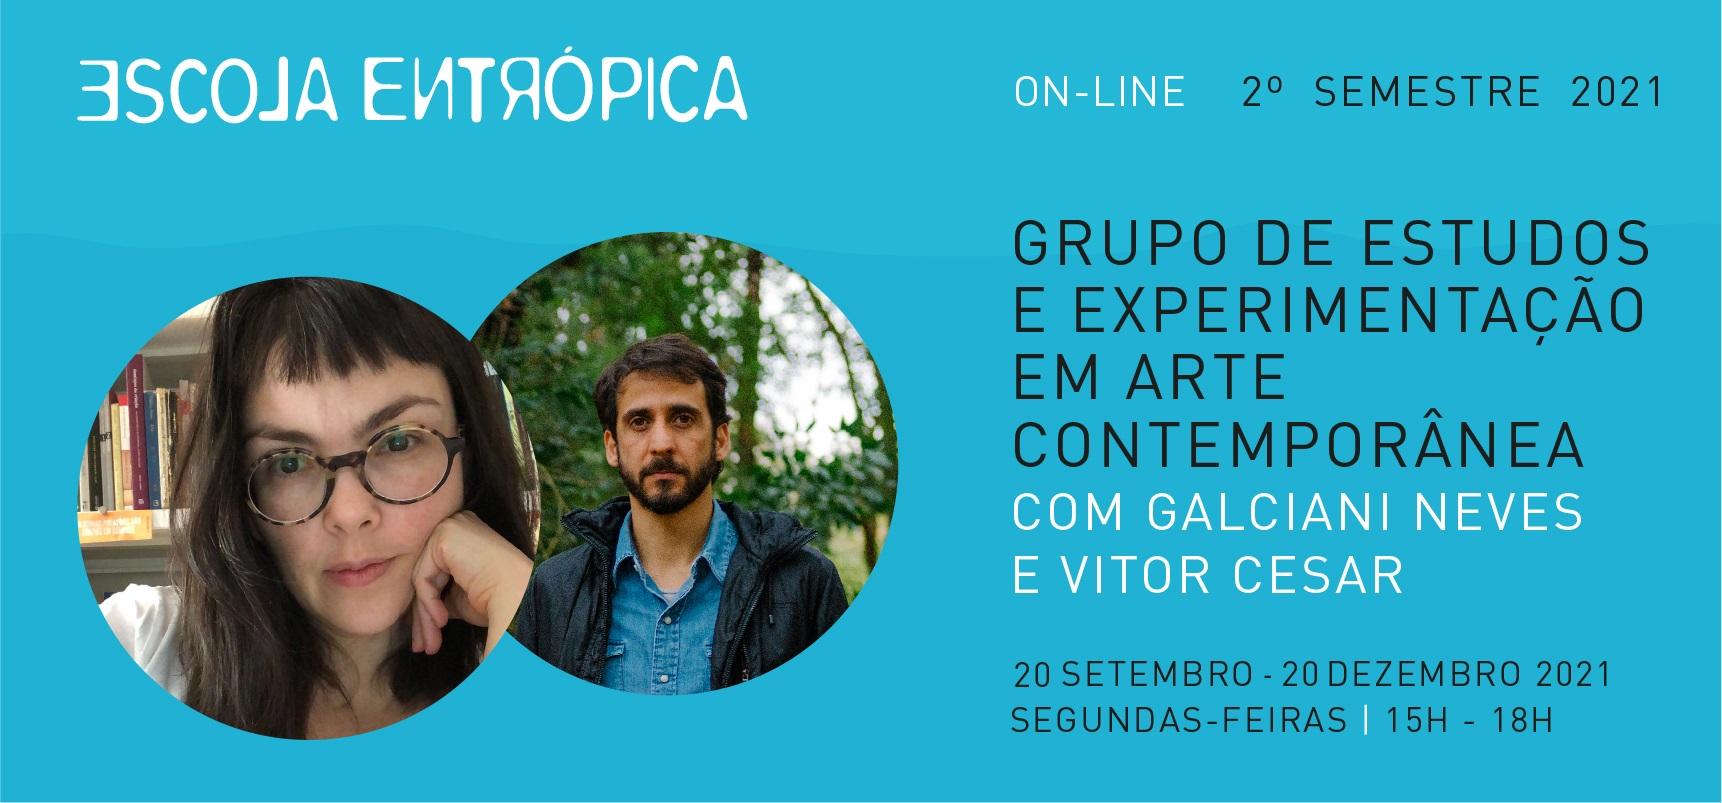 GRUPO DE ESTUDOS E EXPERIMENTAÇÃO EM ARTE CONTEMPORÂNEA